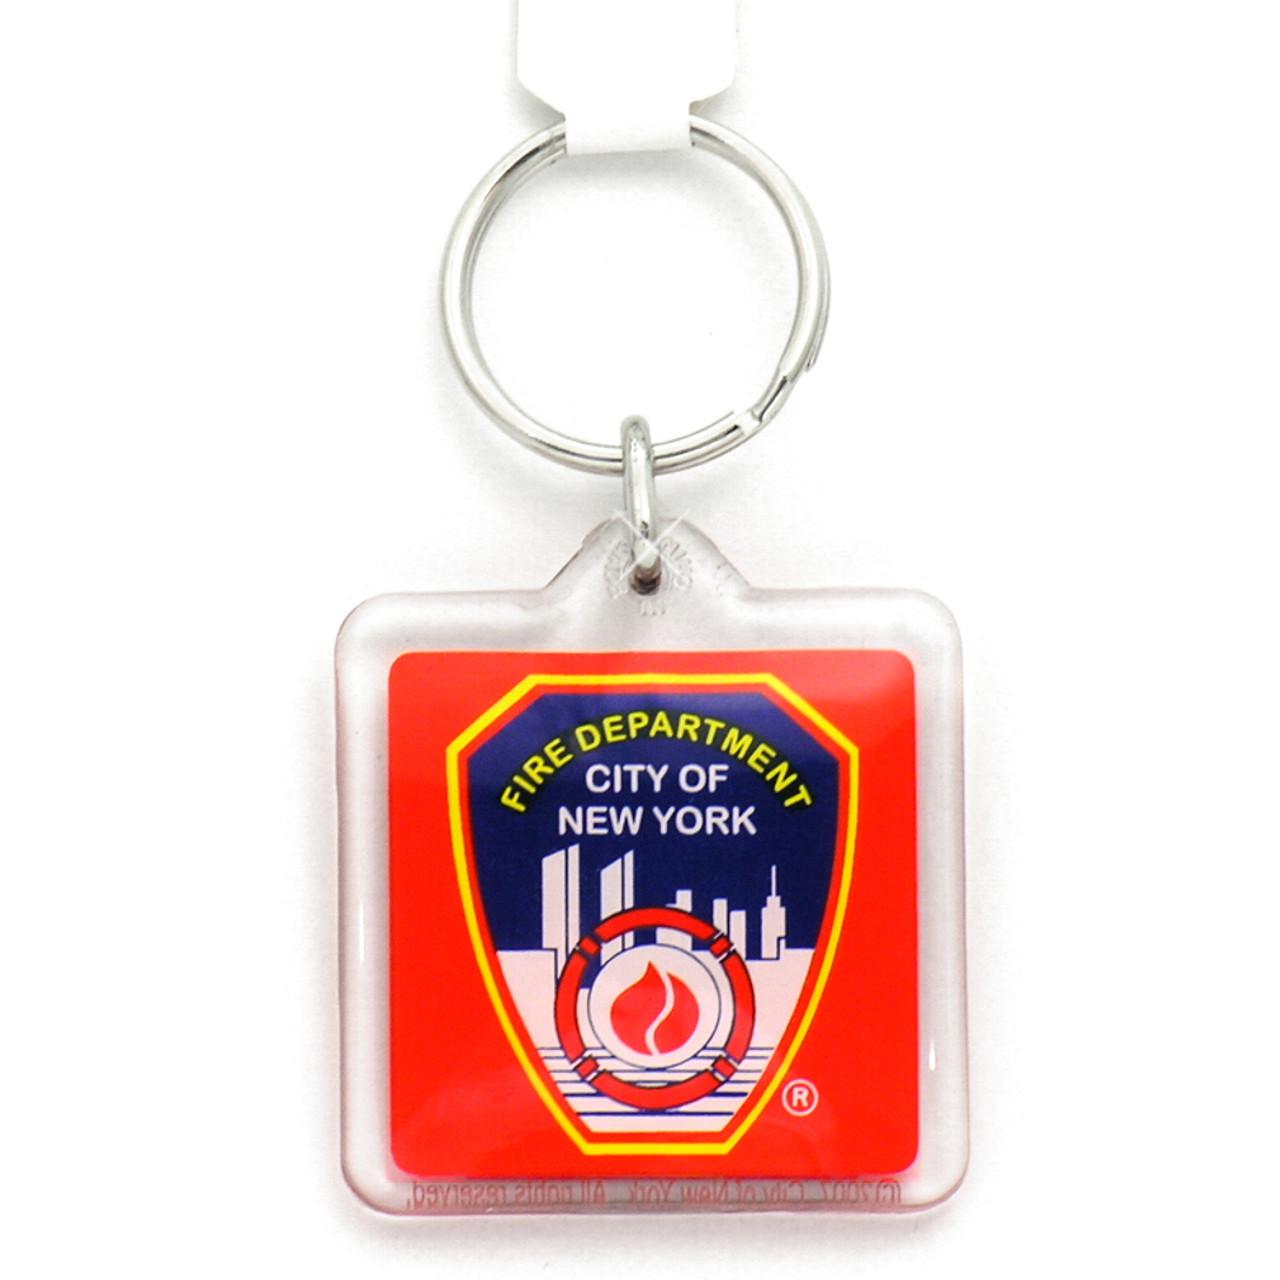 FDNY Plastic Key Chain f78fc63e2fcc